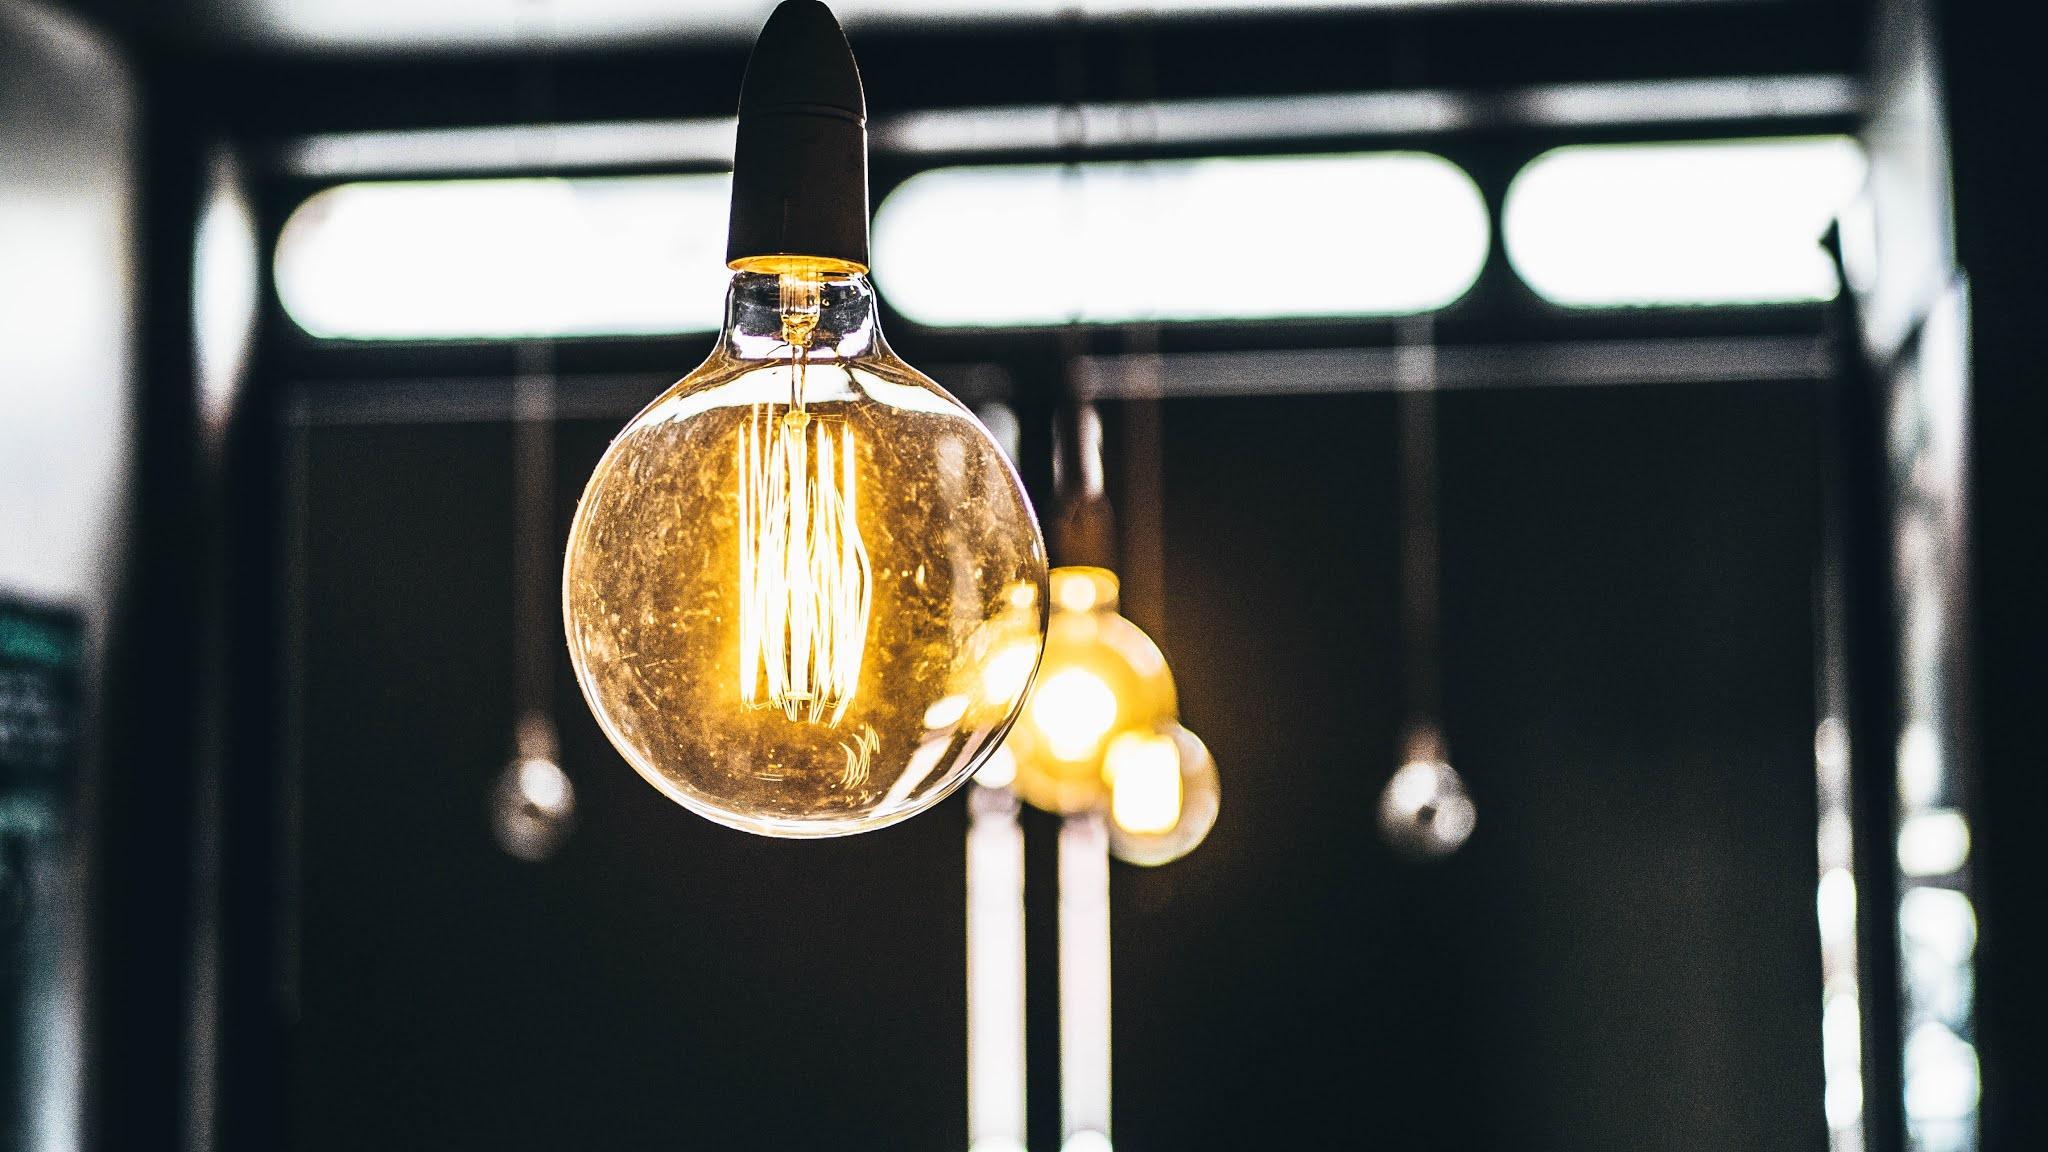 Συμβουλές εξοικονόμησης ενέργειας στο σπίτι